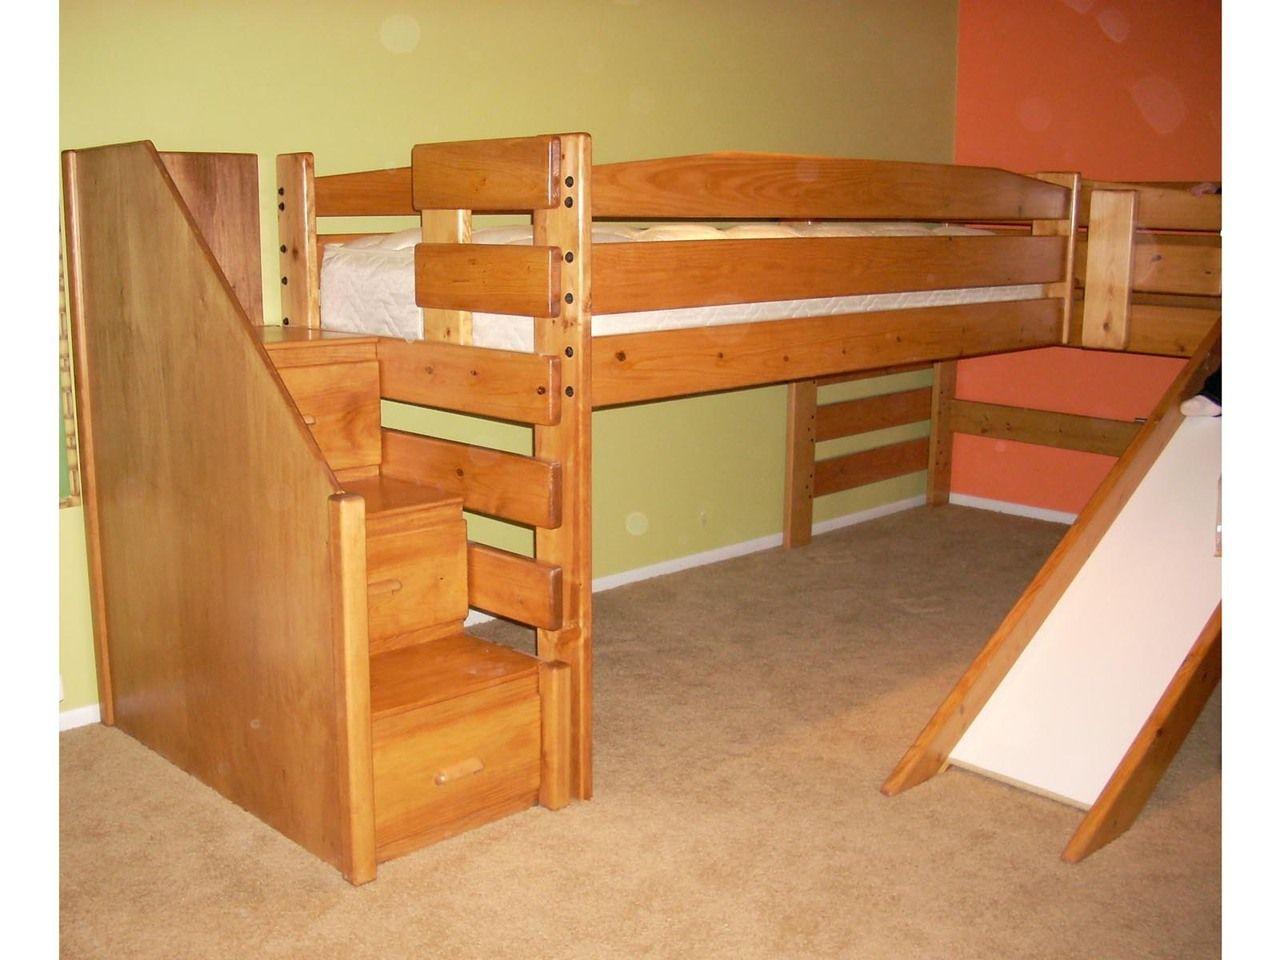 mid height l shape loft l115 the bunk loft factory - L Shaped Loft Bunk Bed Plans